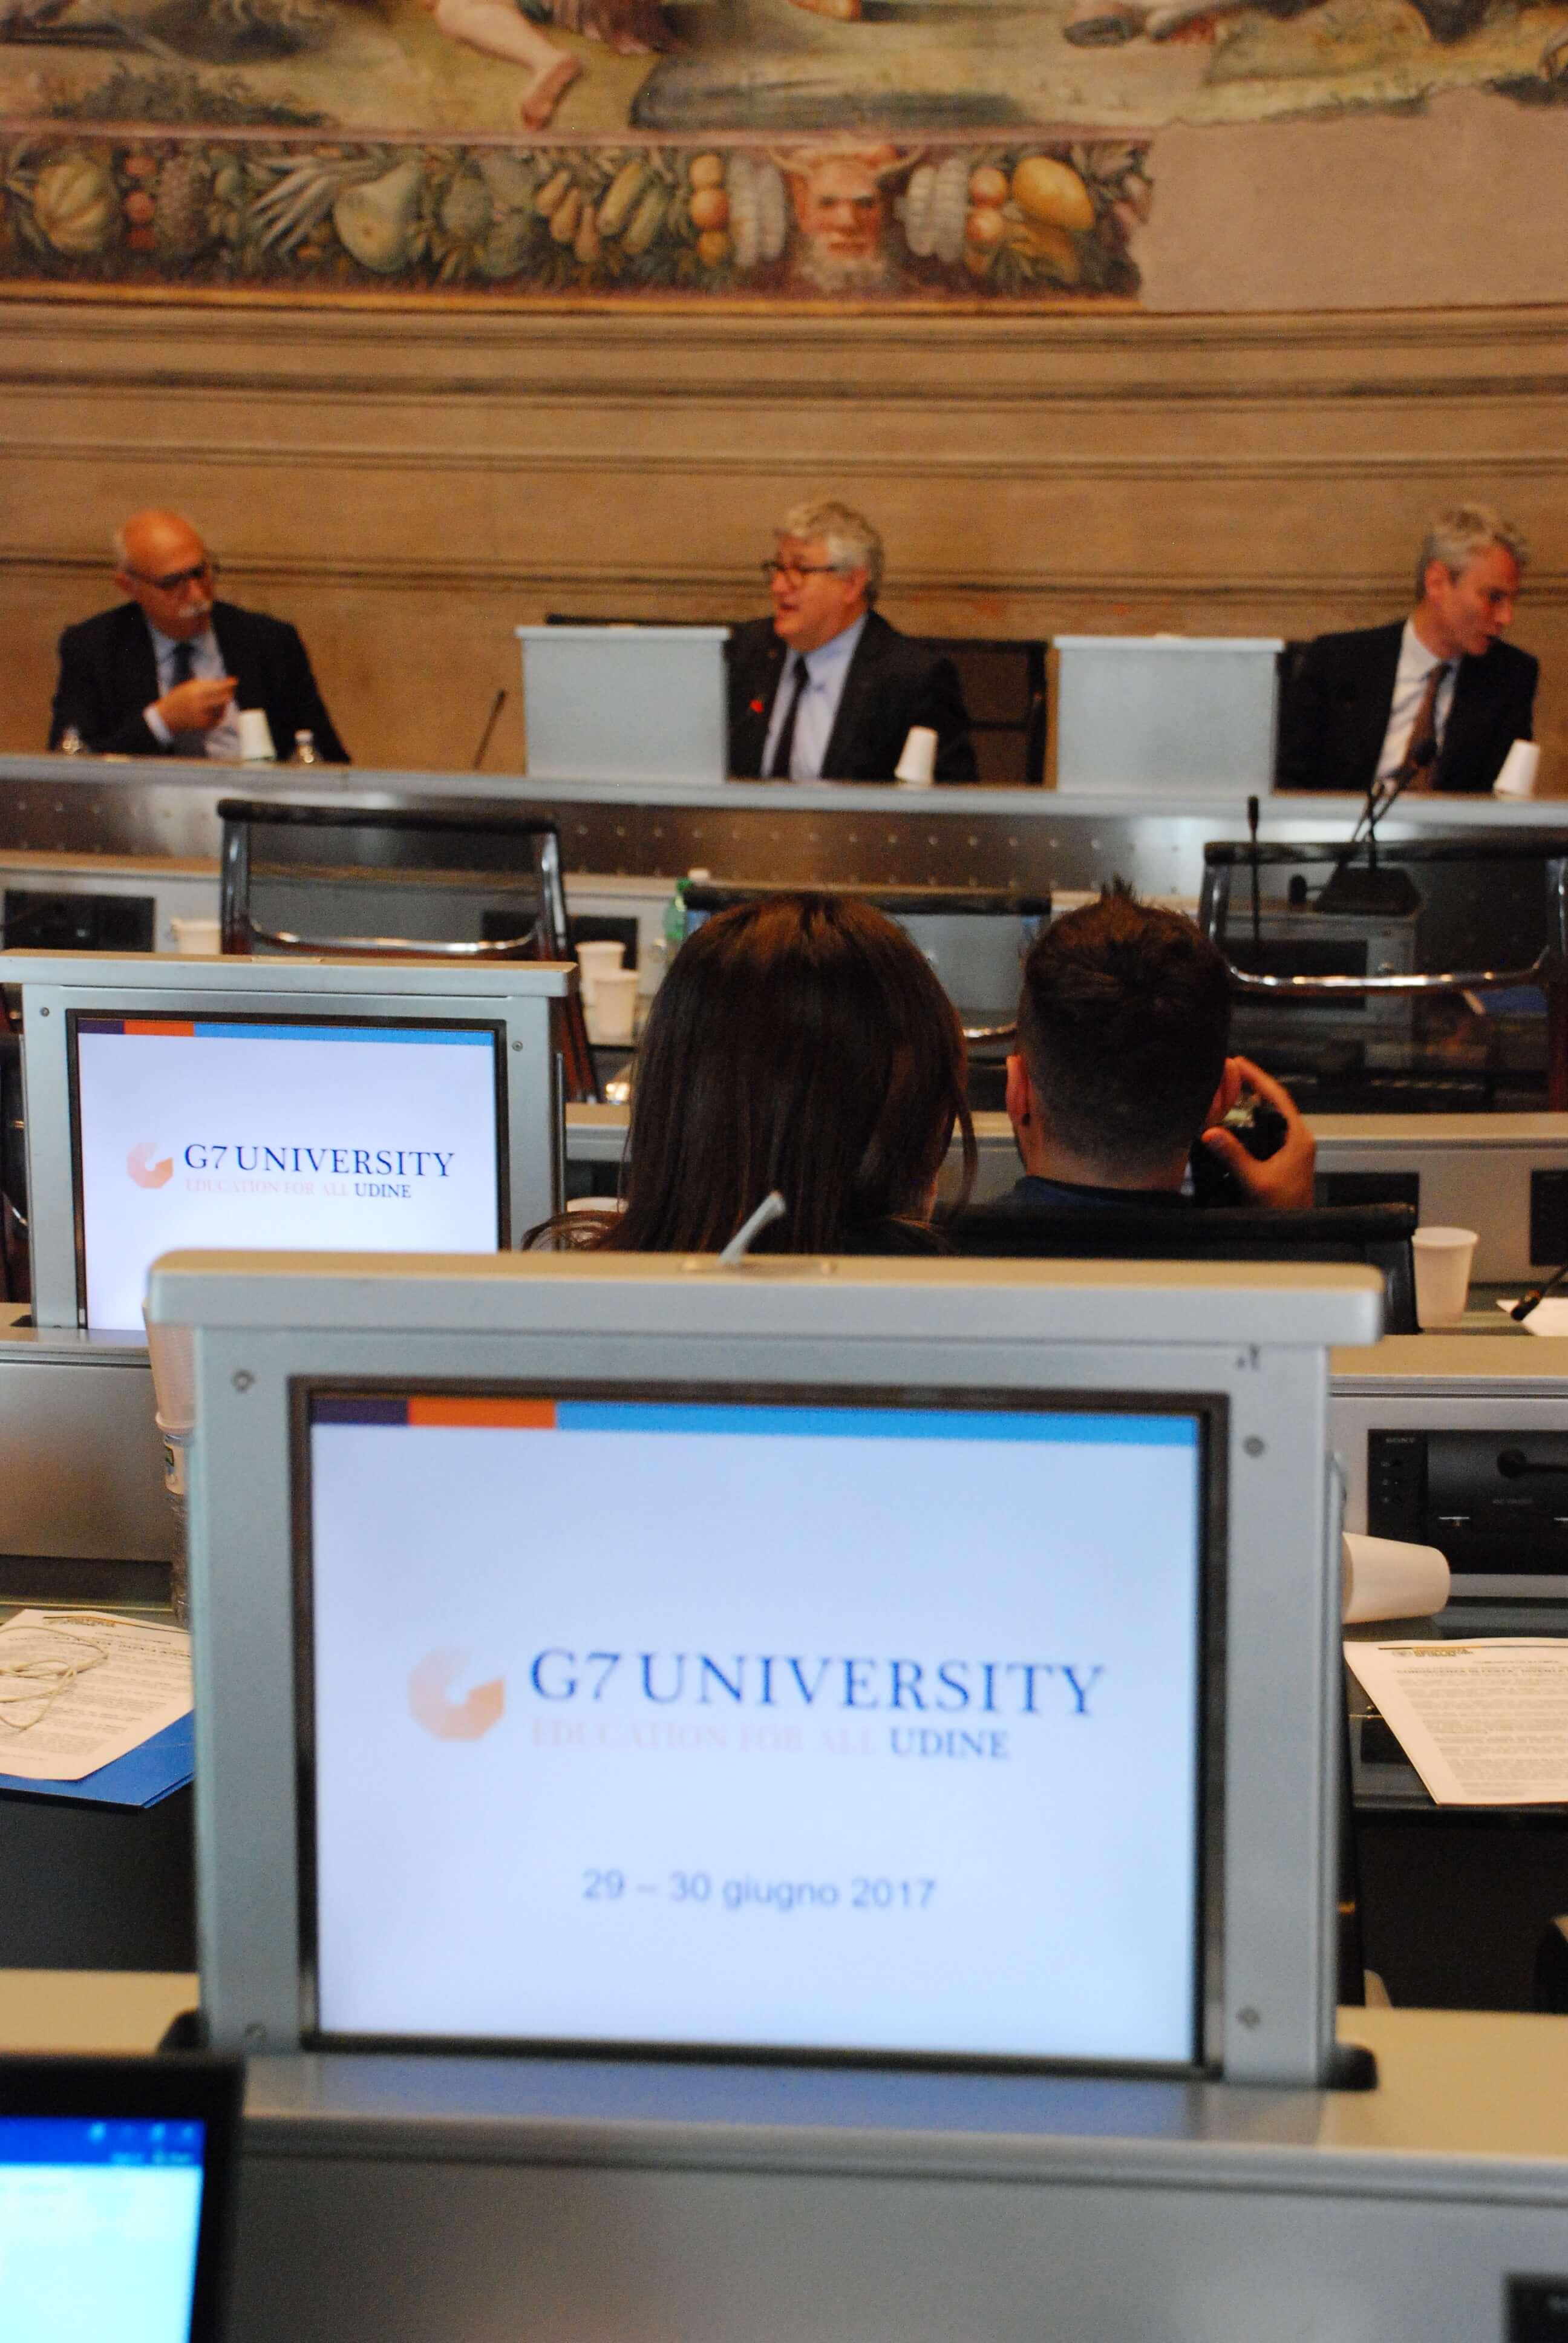 G7 università